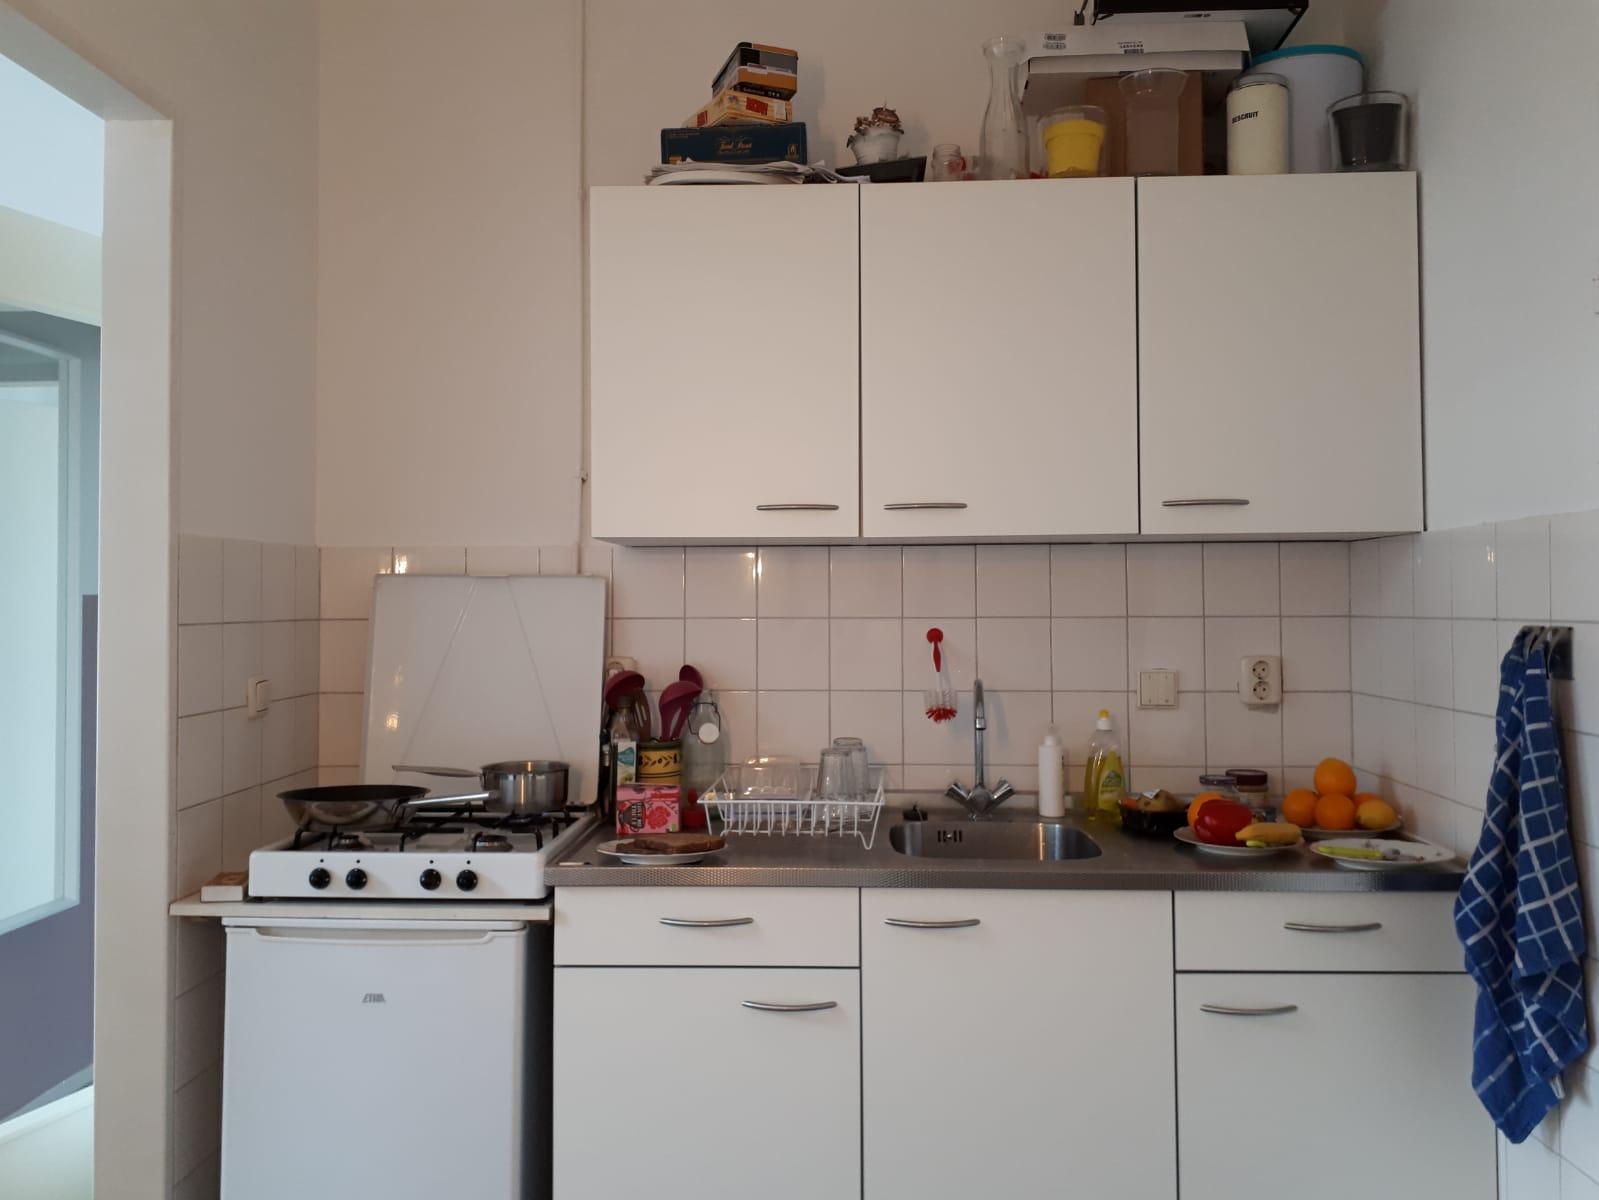 آشپزخانه نقلی و ملوسی